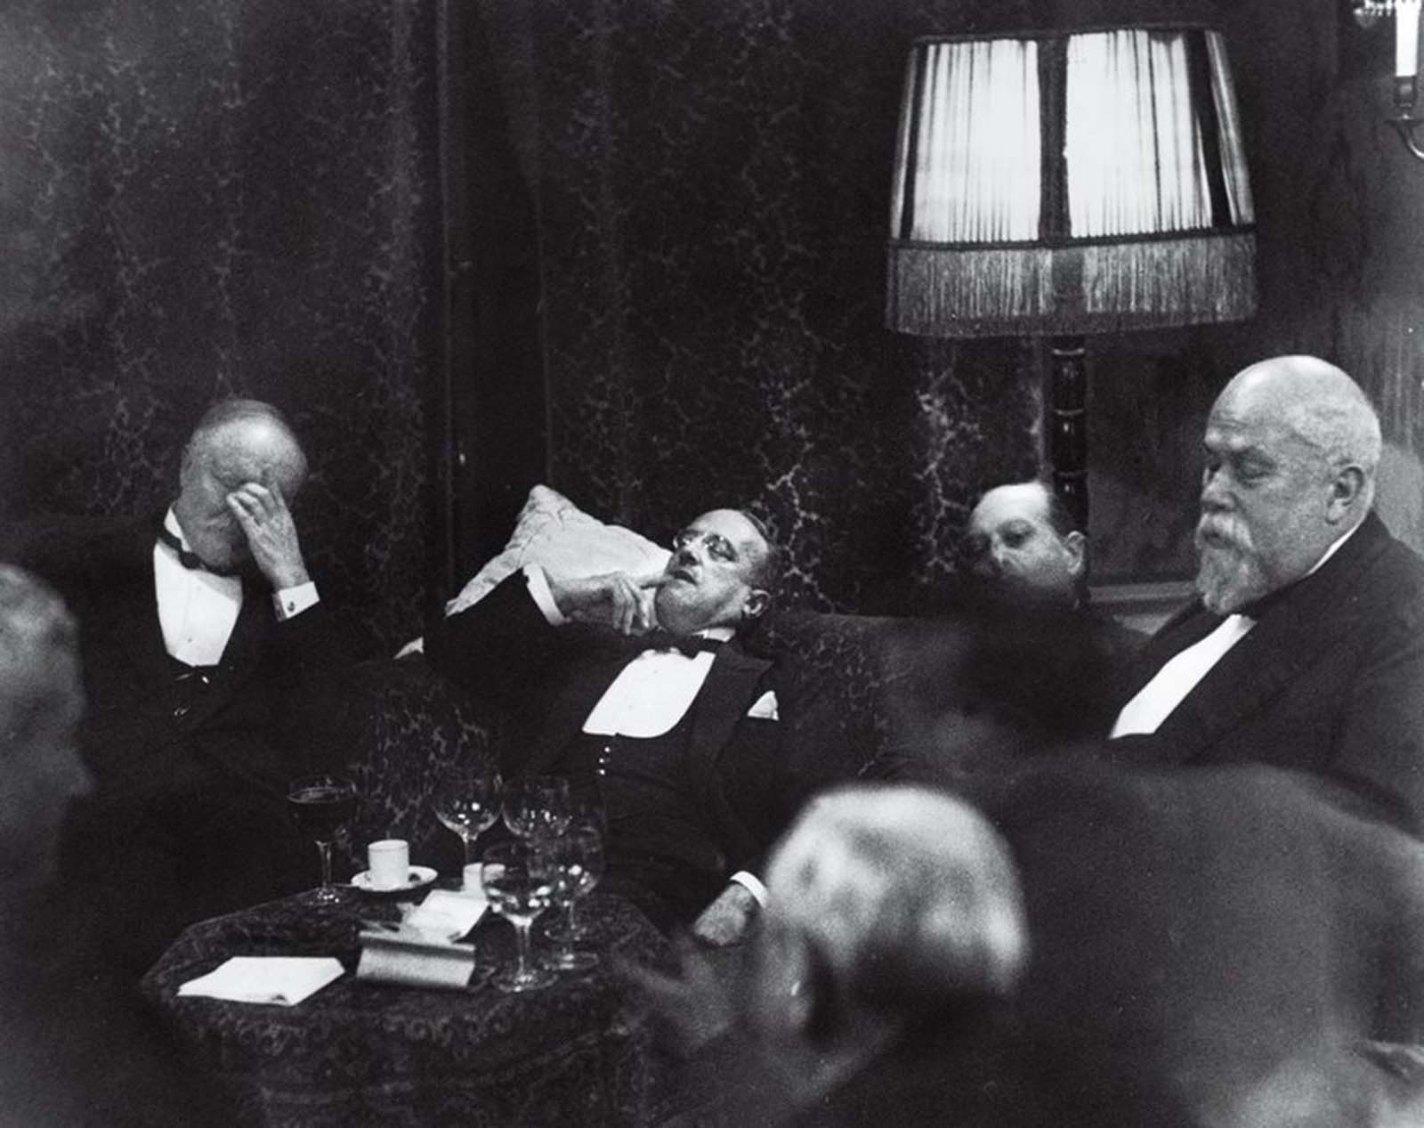 historical photos: The Hague, Erich Salomon, 1930